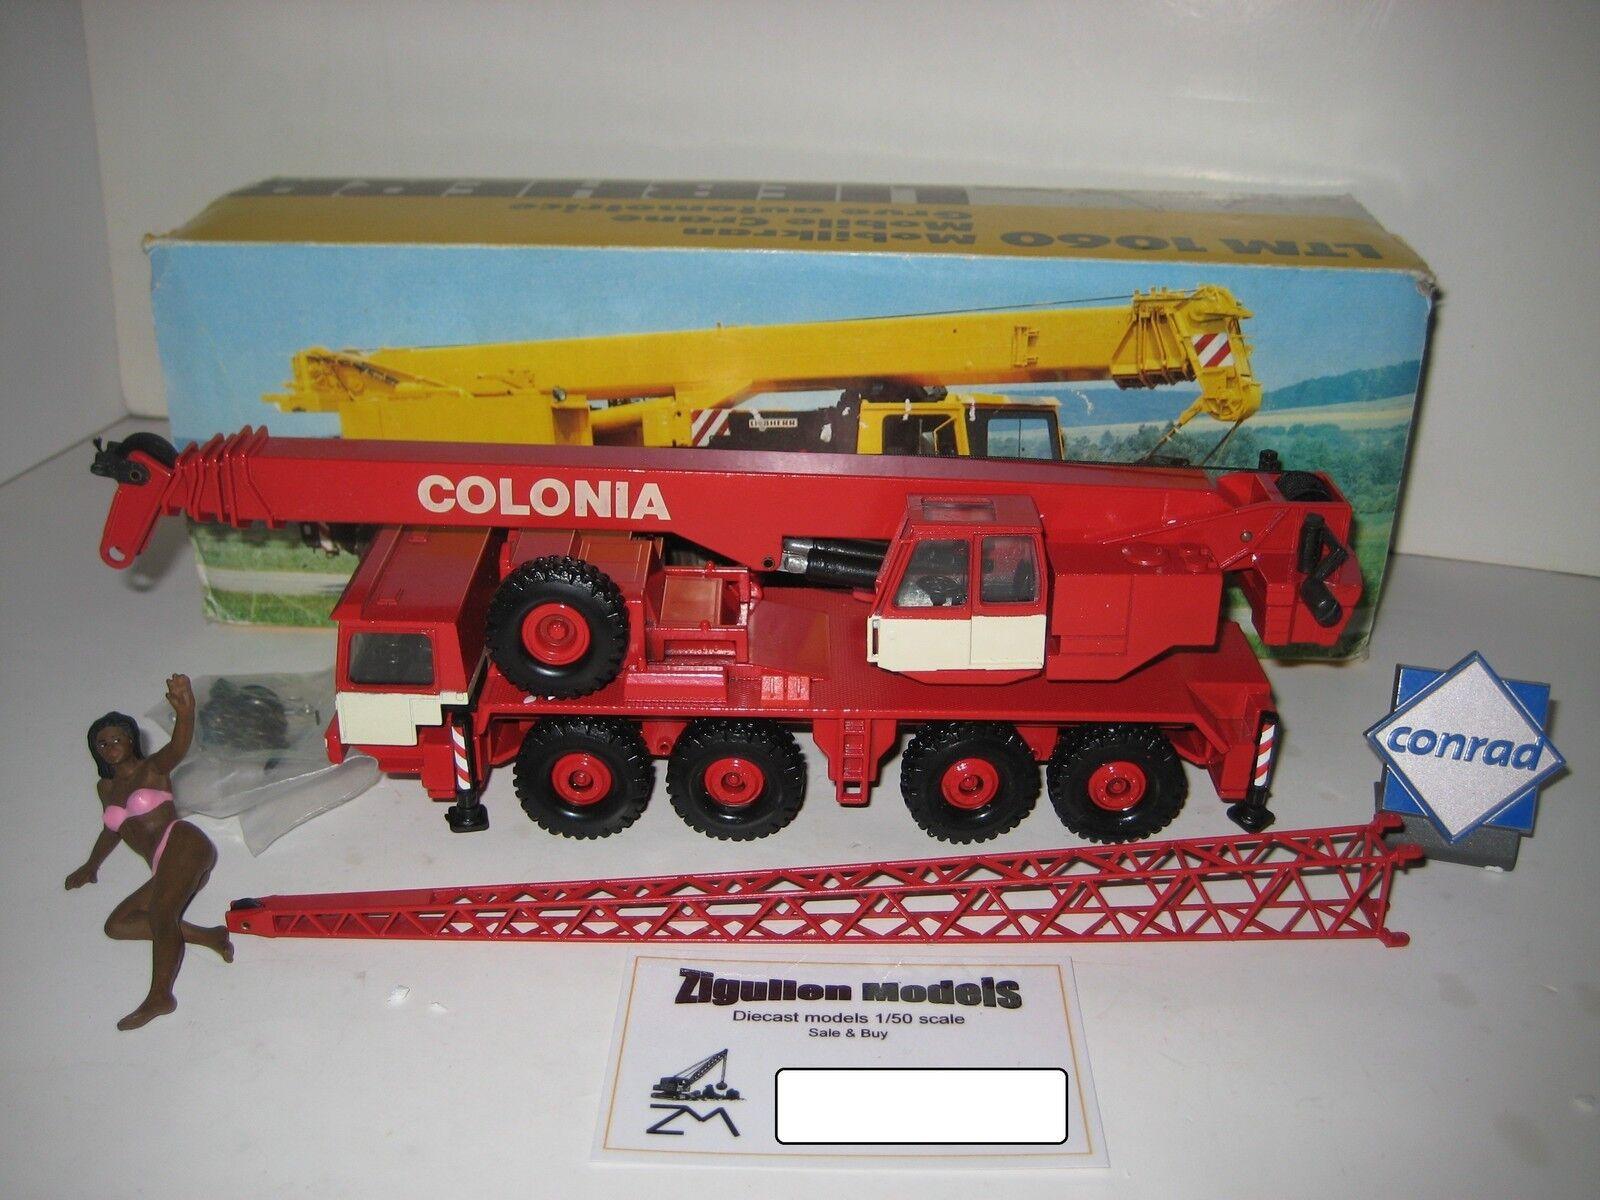 Más asequible Liebherr Liebherr Liebherr LTM 1060 autokran colonia  2079 Conrad 1 50 OVP  a precios asequibles